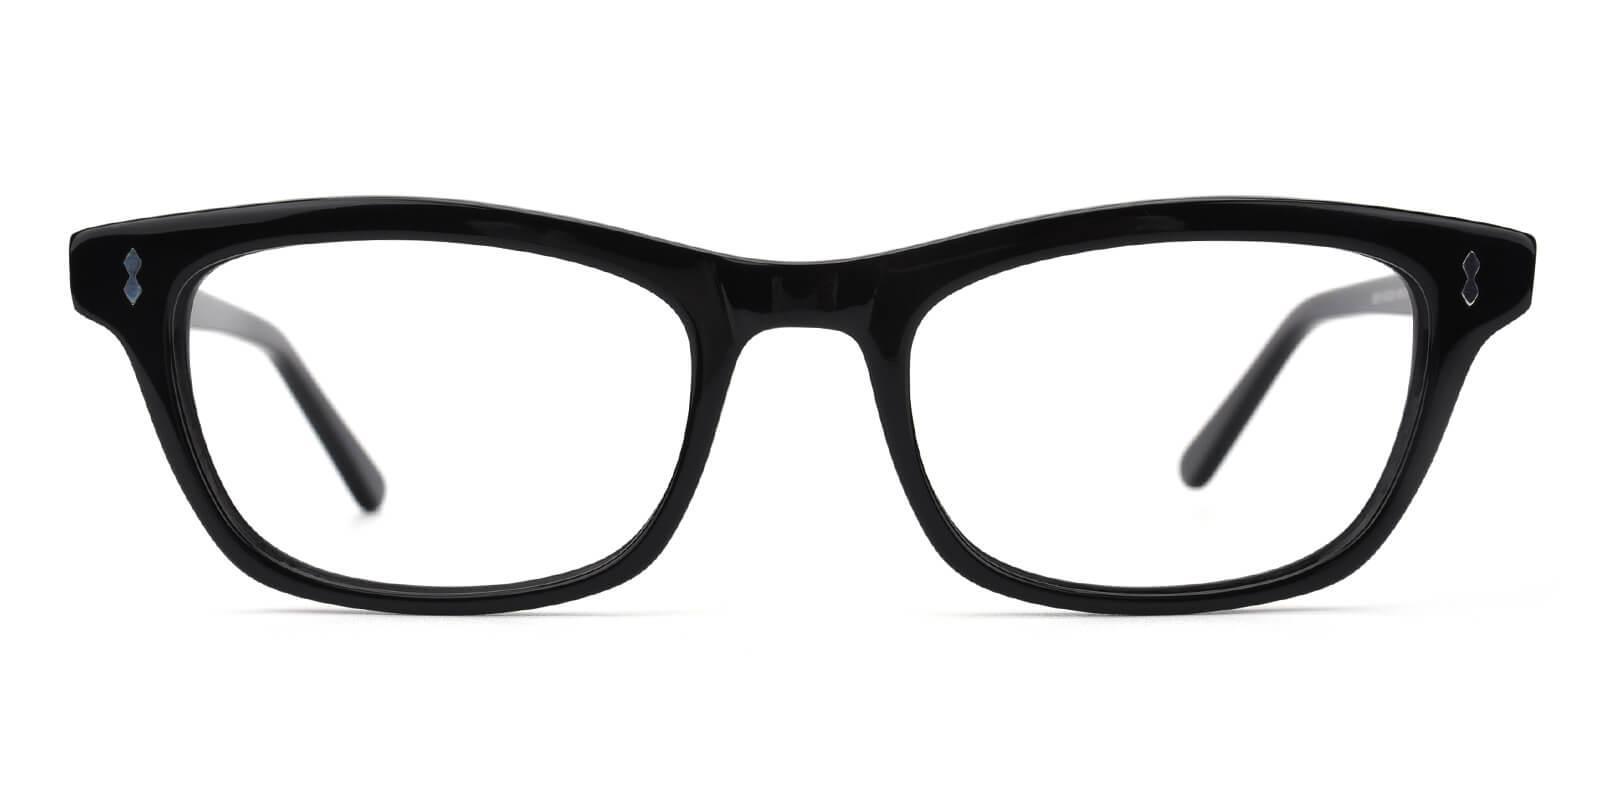 Leavary-Black-Rectangle-Acetate-Eyeglasses-additional2